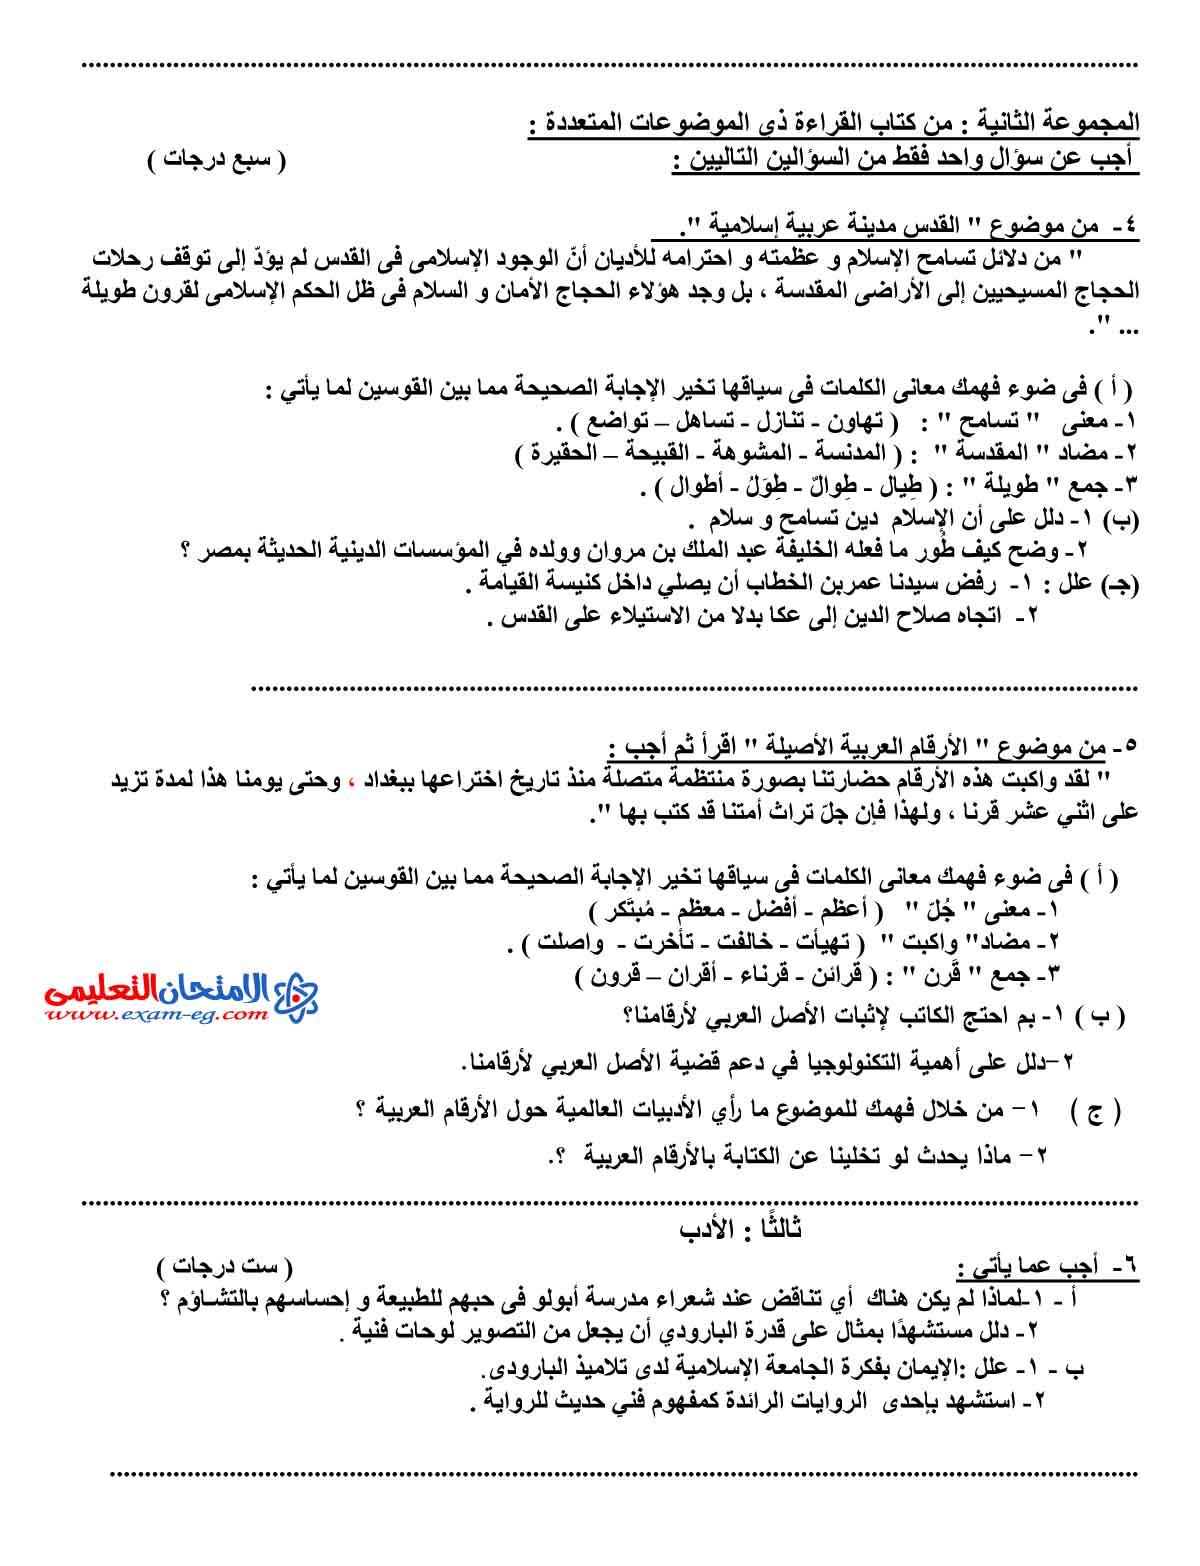 امتحان اللغة العربية 2 - مدرسة اون لاين (2)